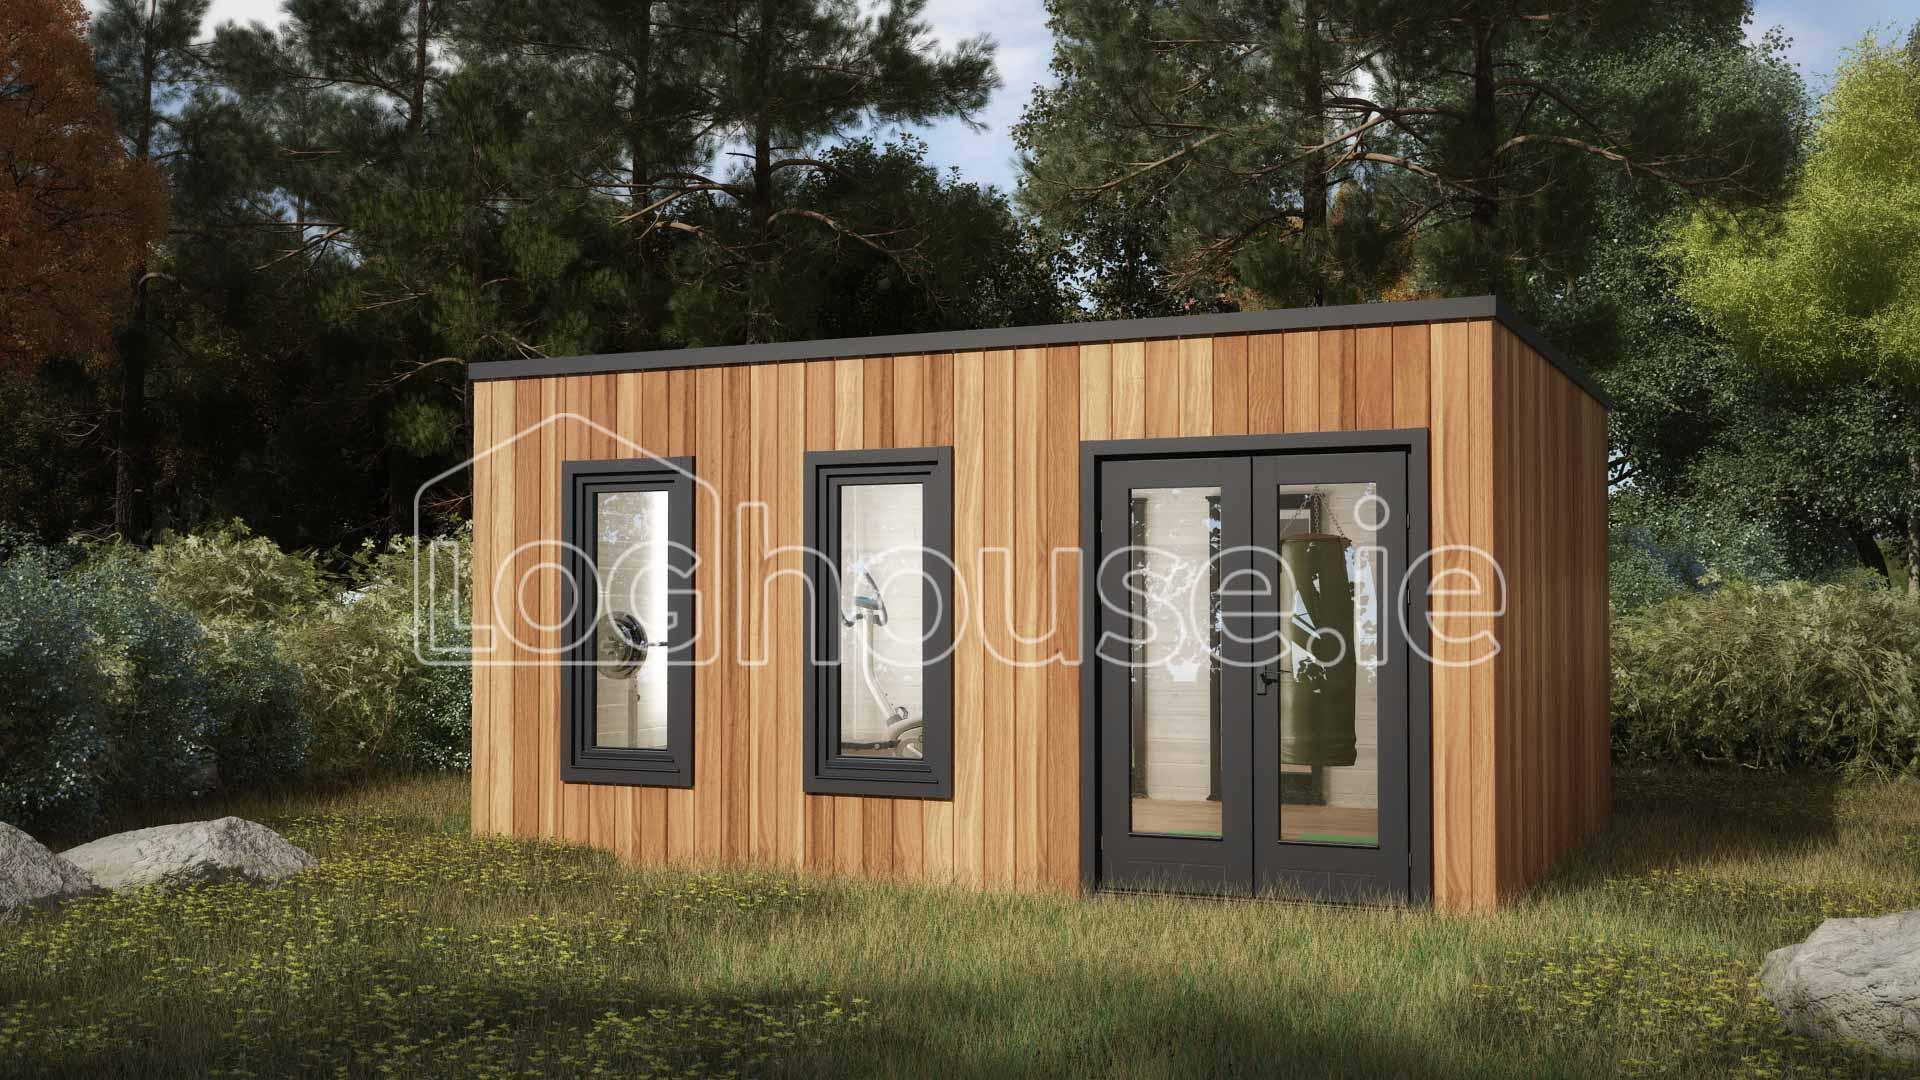 Clontarf contemporary log cabin 5m x 4m for Contemporary log cabins